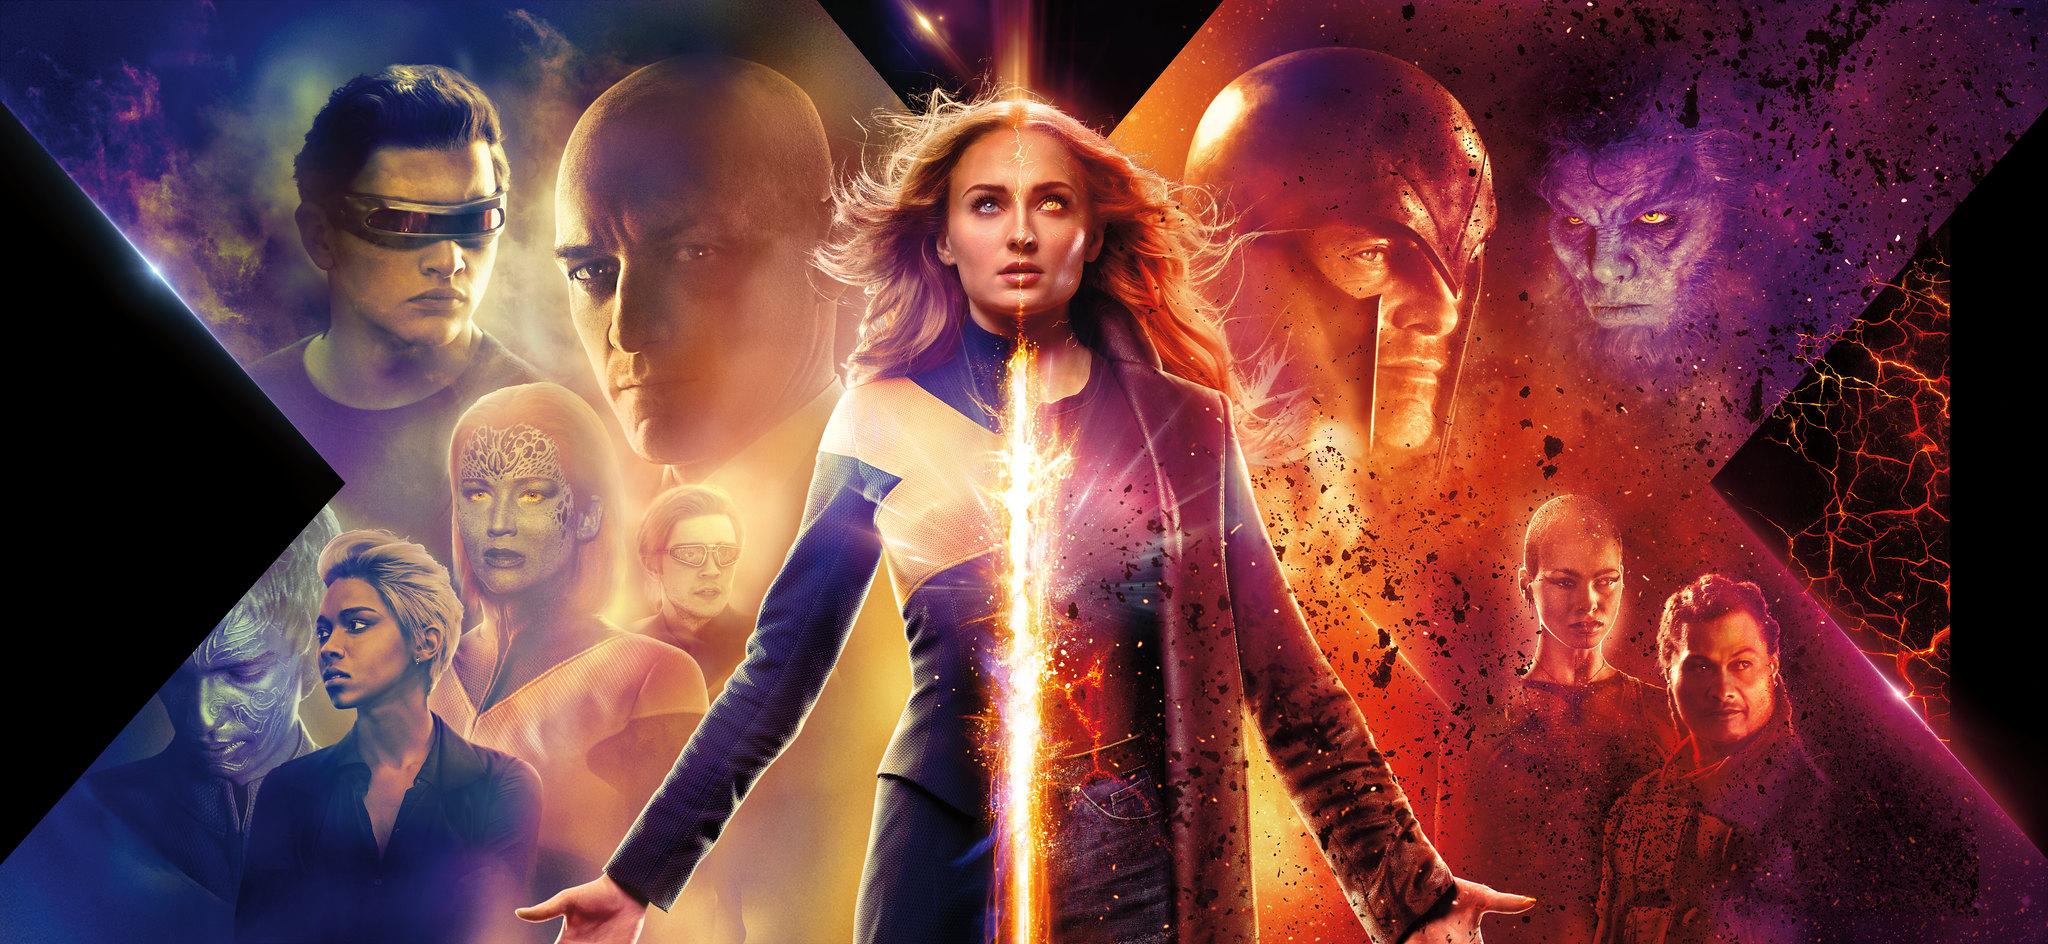 Люди Икс: Темный Феникс принесли студии убытки